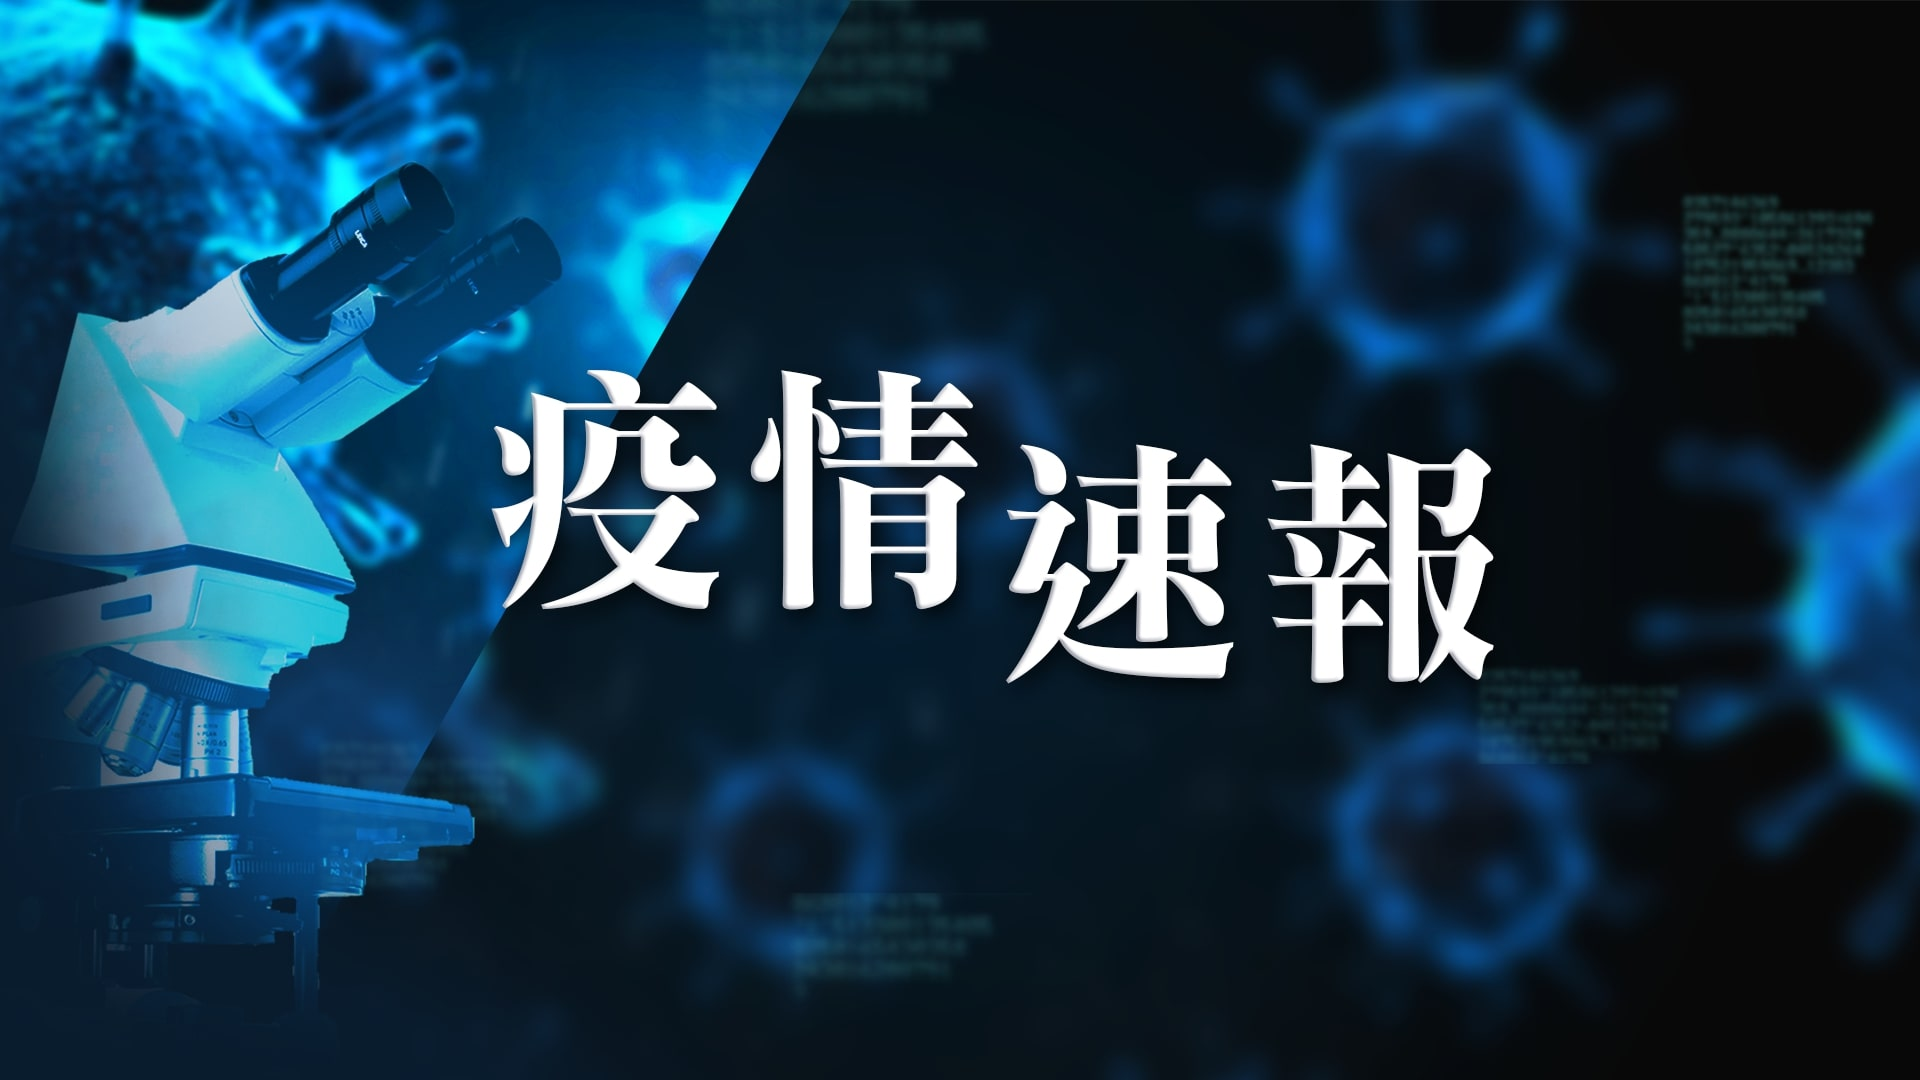 【2月4日疫情速報】(23:00)